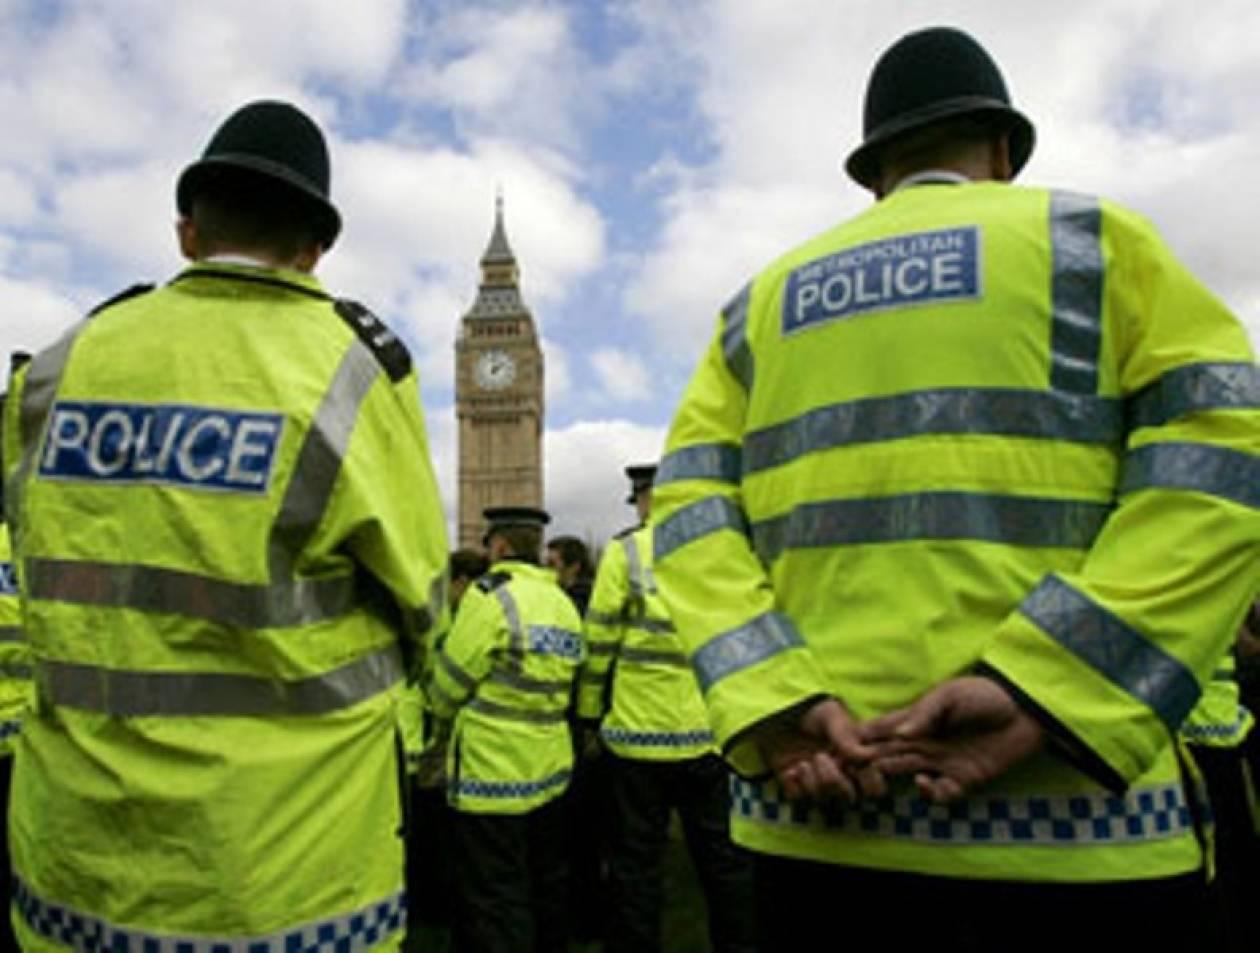 Βρετανία: Σύλληψη υπόπτων για τρομοκρατική δράση